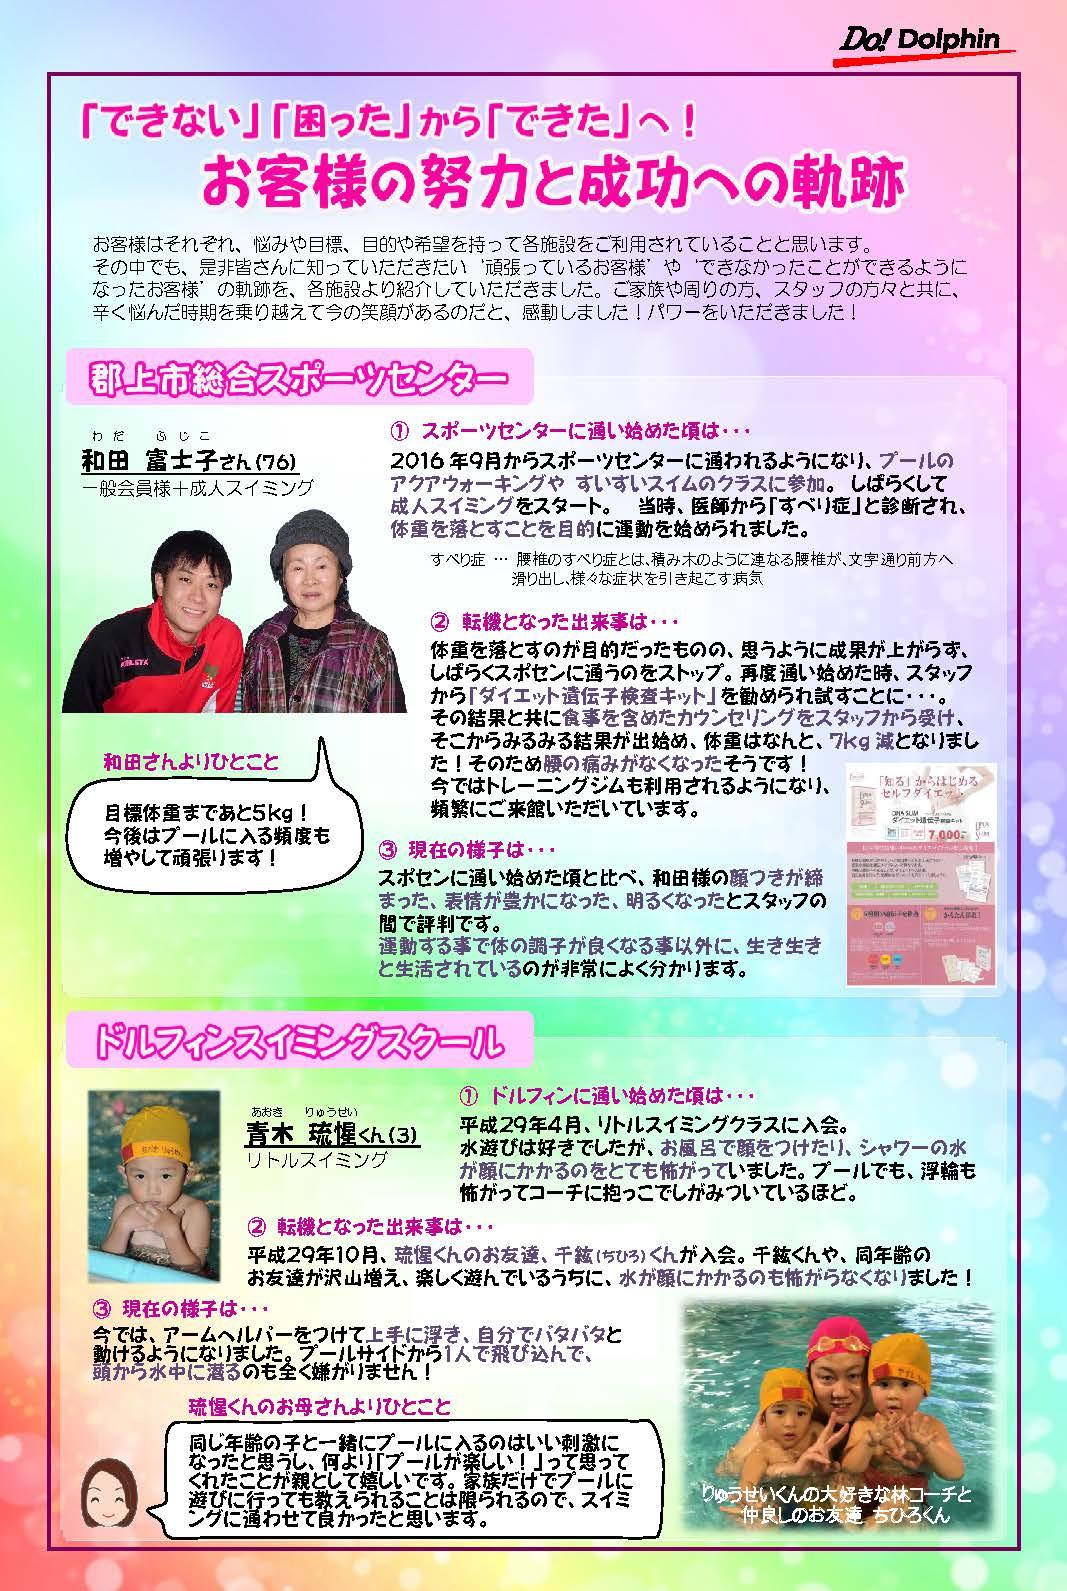 ドルフィン広報誌3月号校了_ページ_2